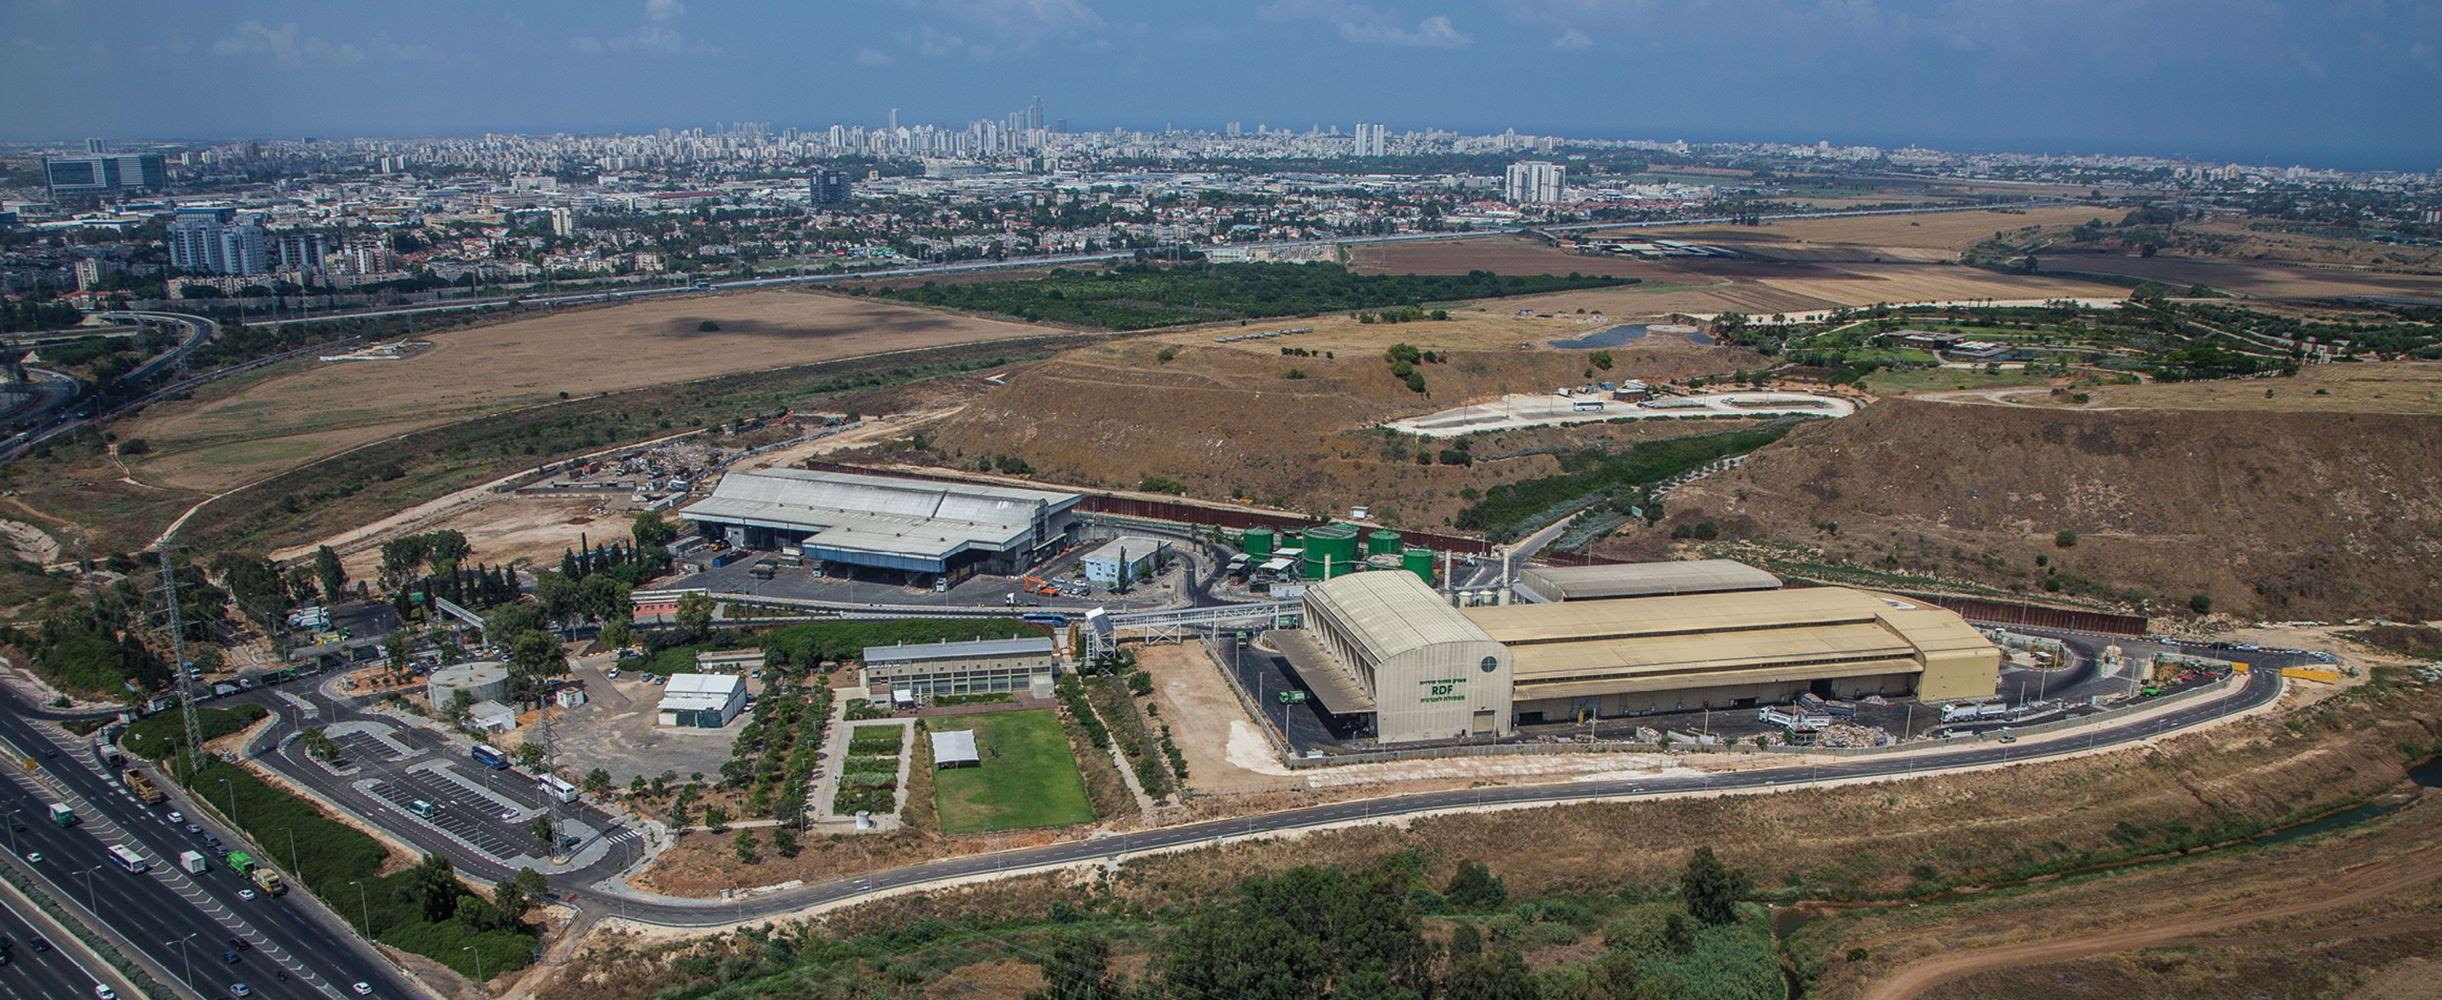 מפעל ה-RDF הזניק את תל-אביב ושכנותיה אל סף 40% מִחזור והשבה